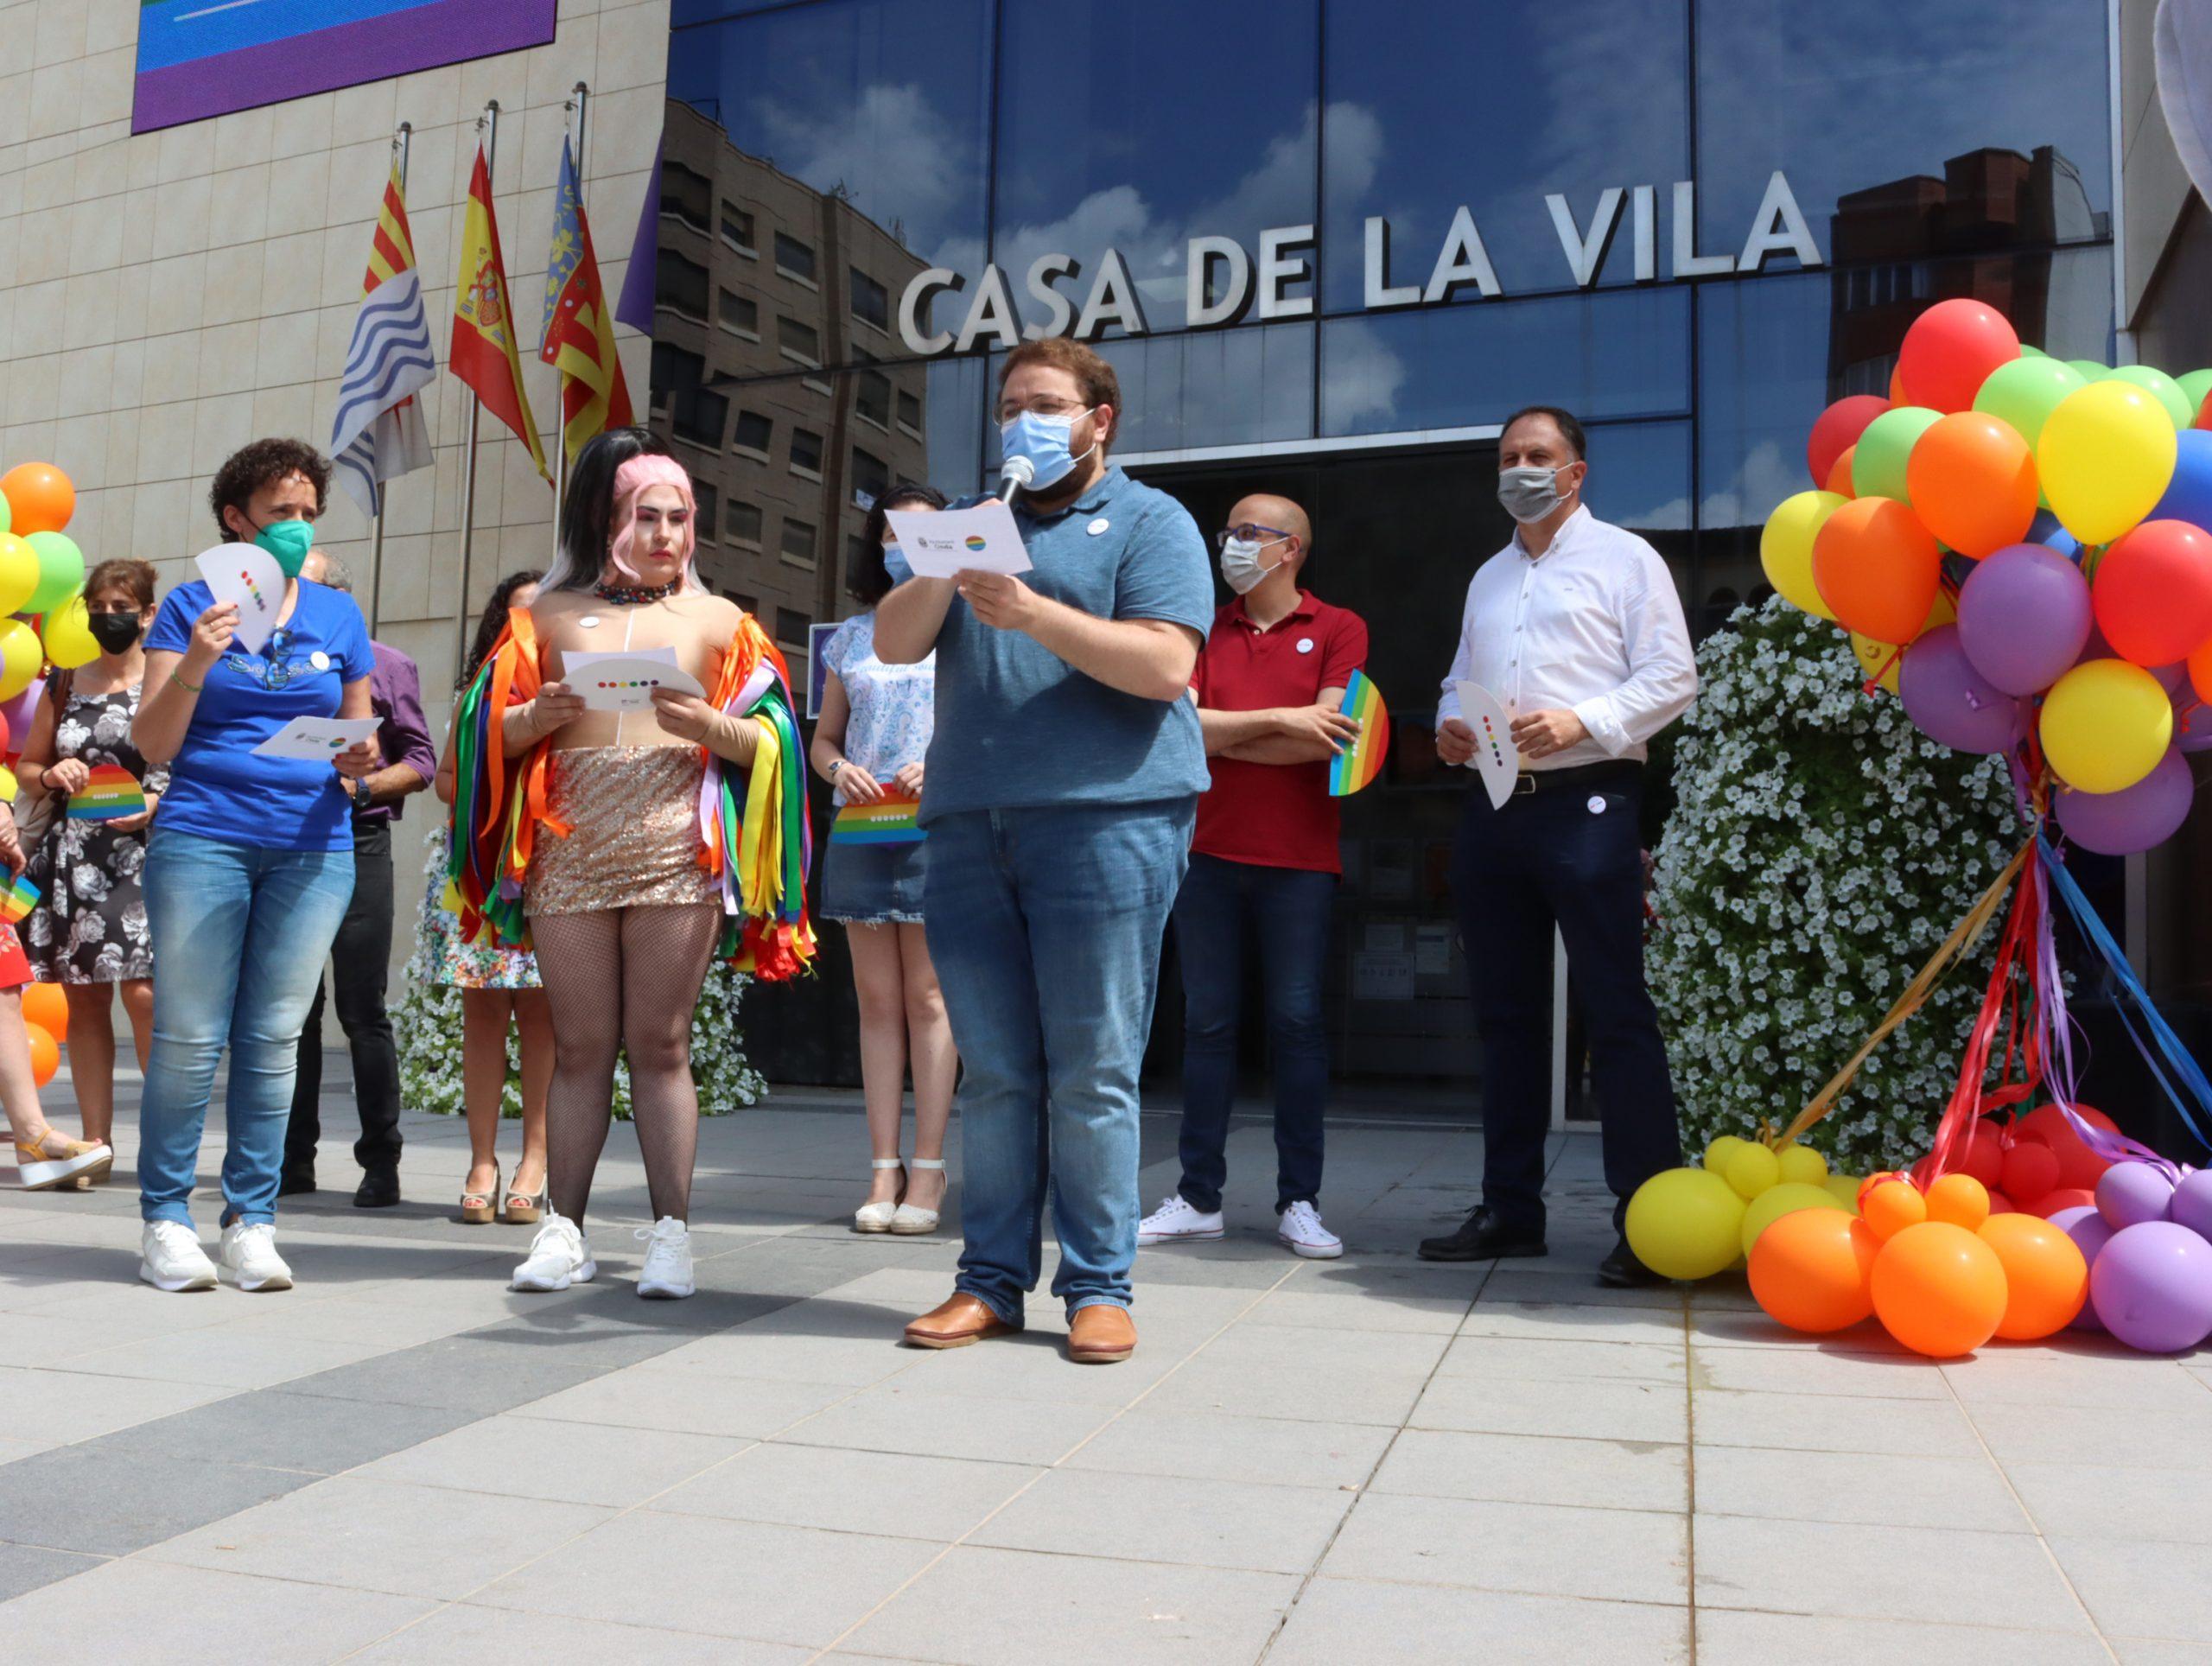 Onda celebra el Día del Orgullo LGTBI y reivindica la diversidad e igualdad real de los ciudadanos